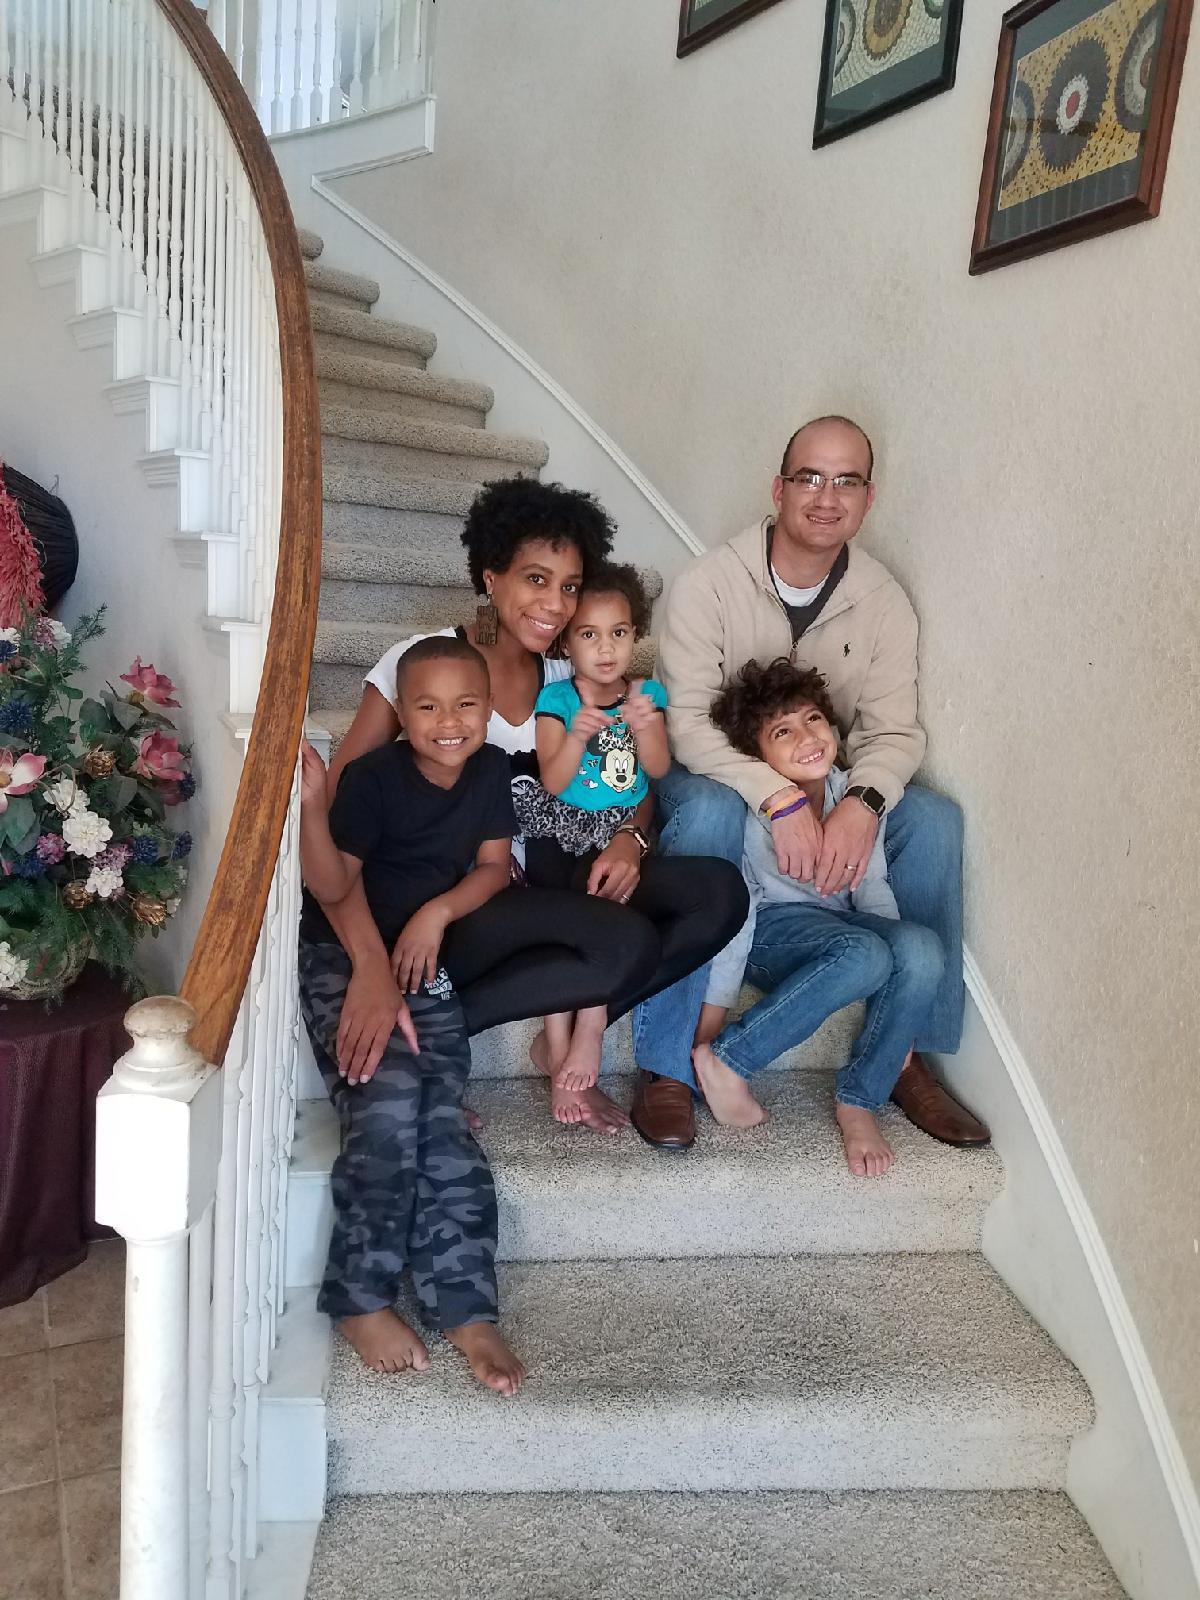 Stair photos.   #familyphotos #familyphotoideas #stairphotos #familyphotoshoot #kidsphotoideas